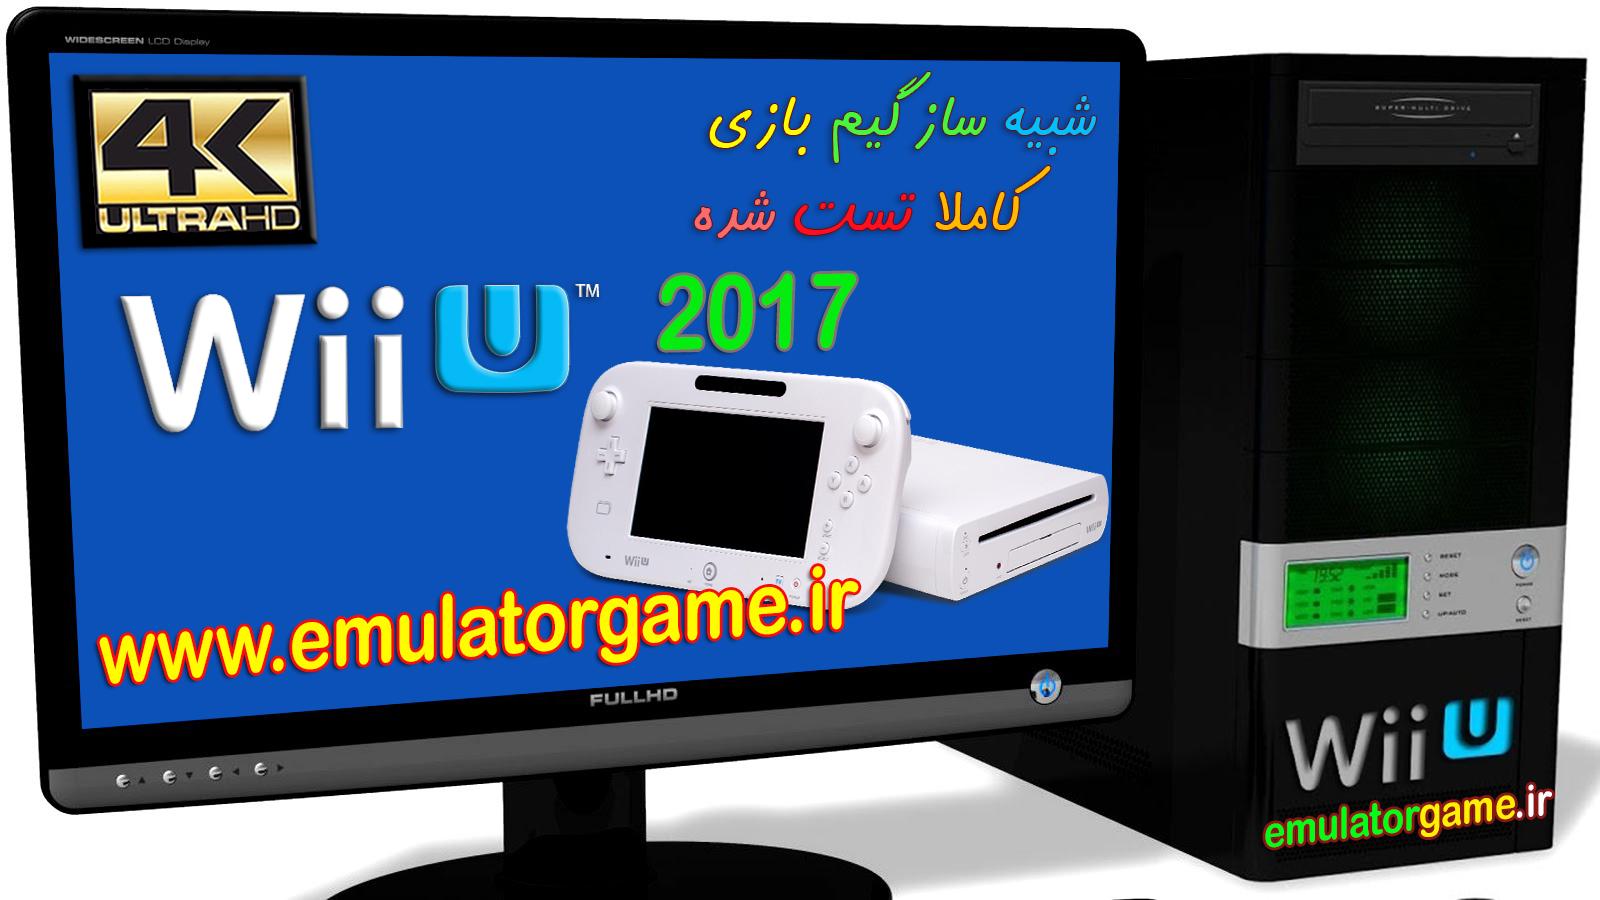 Wii-u 2017